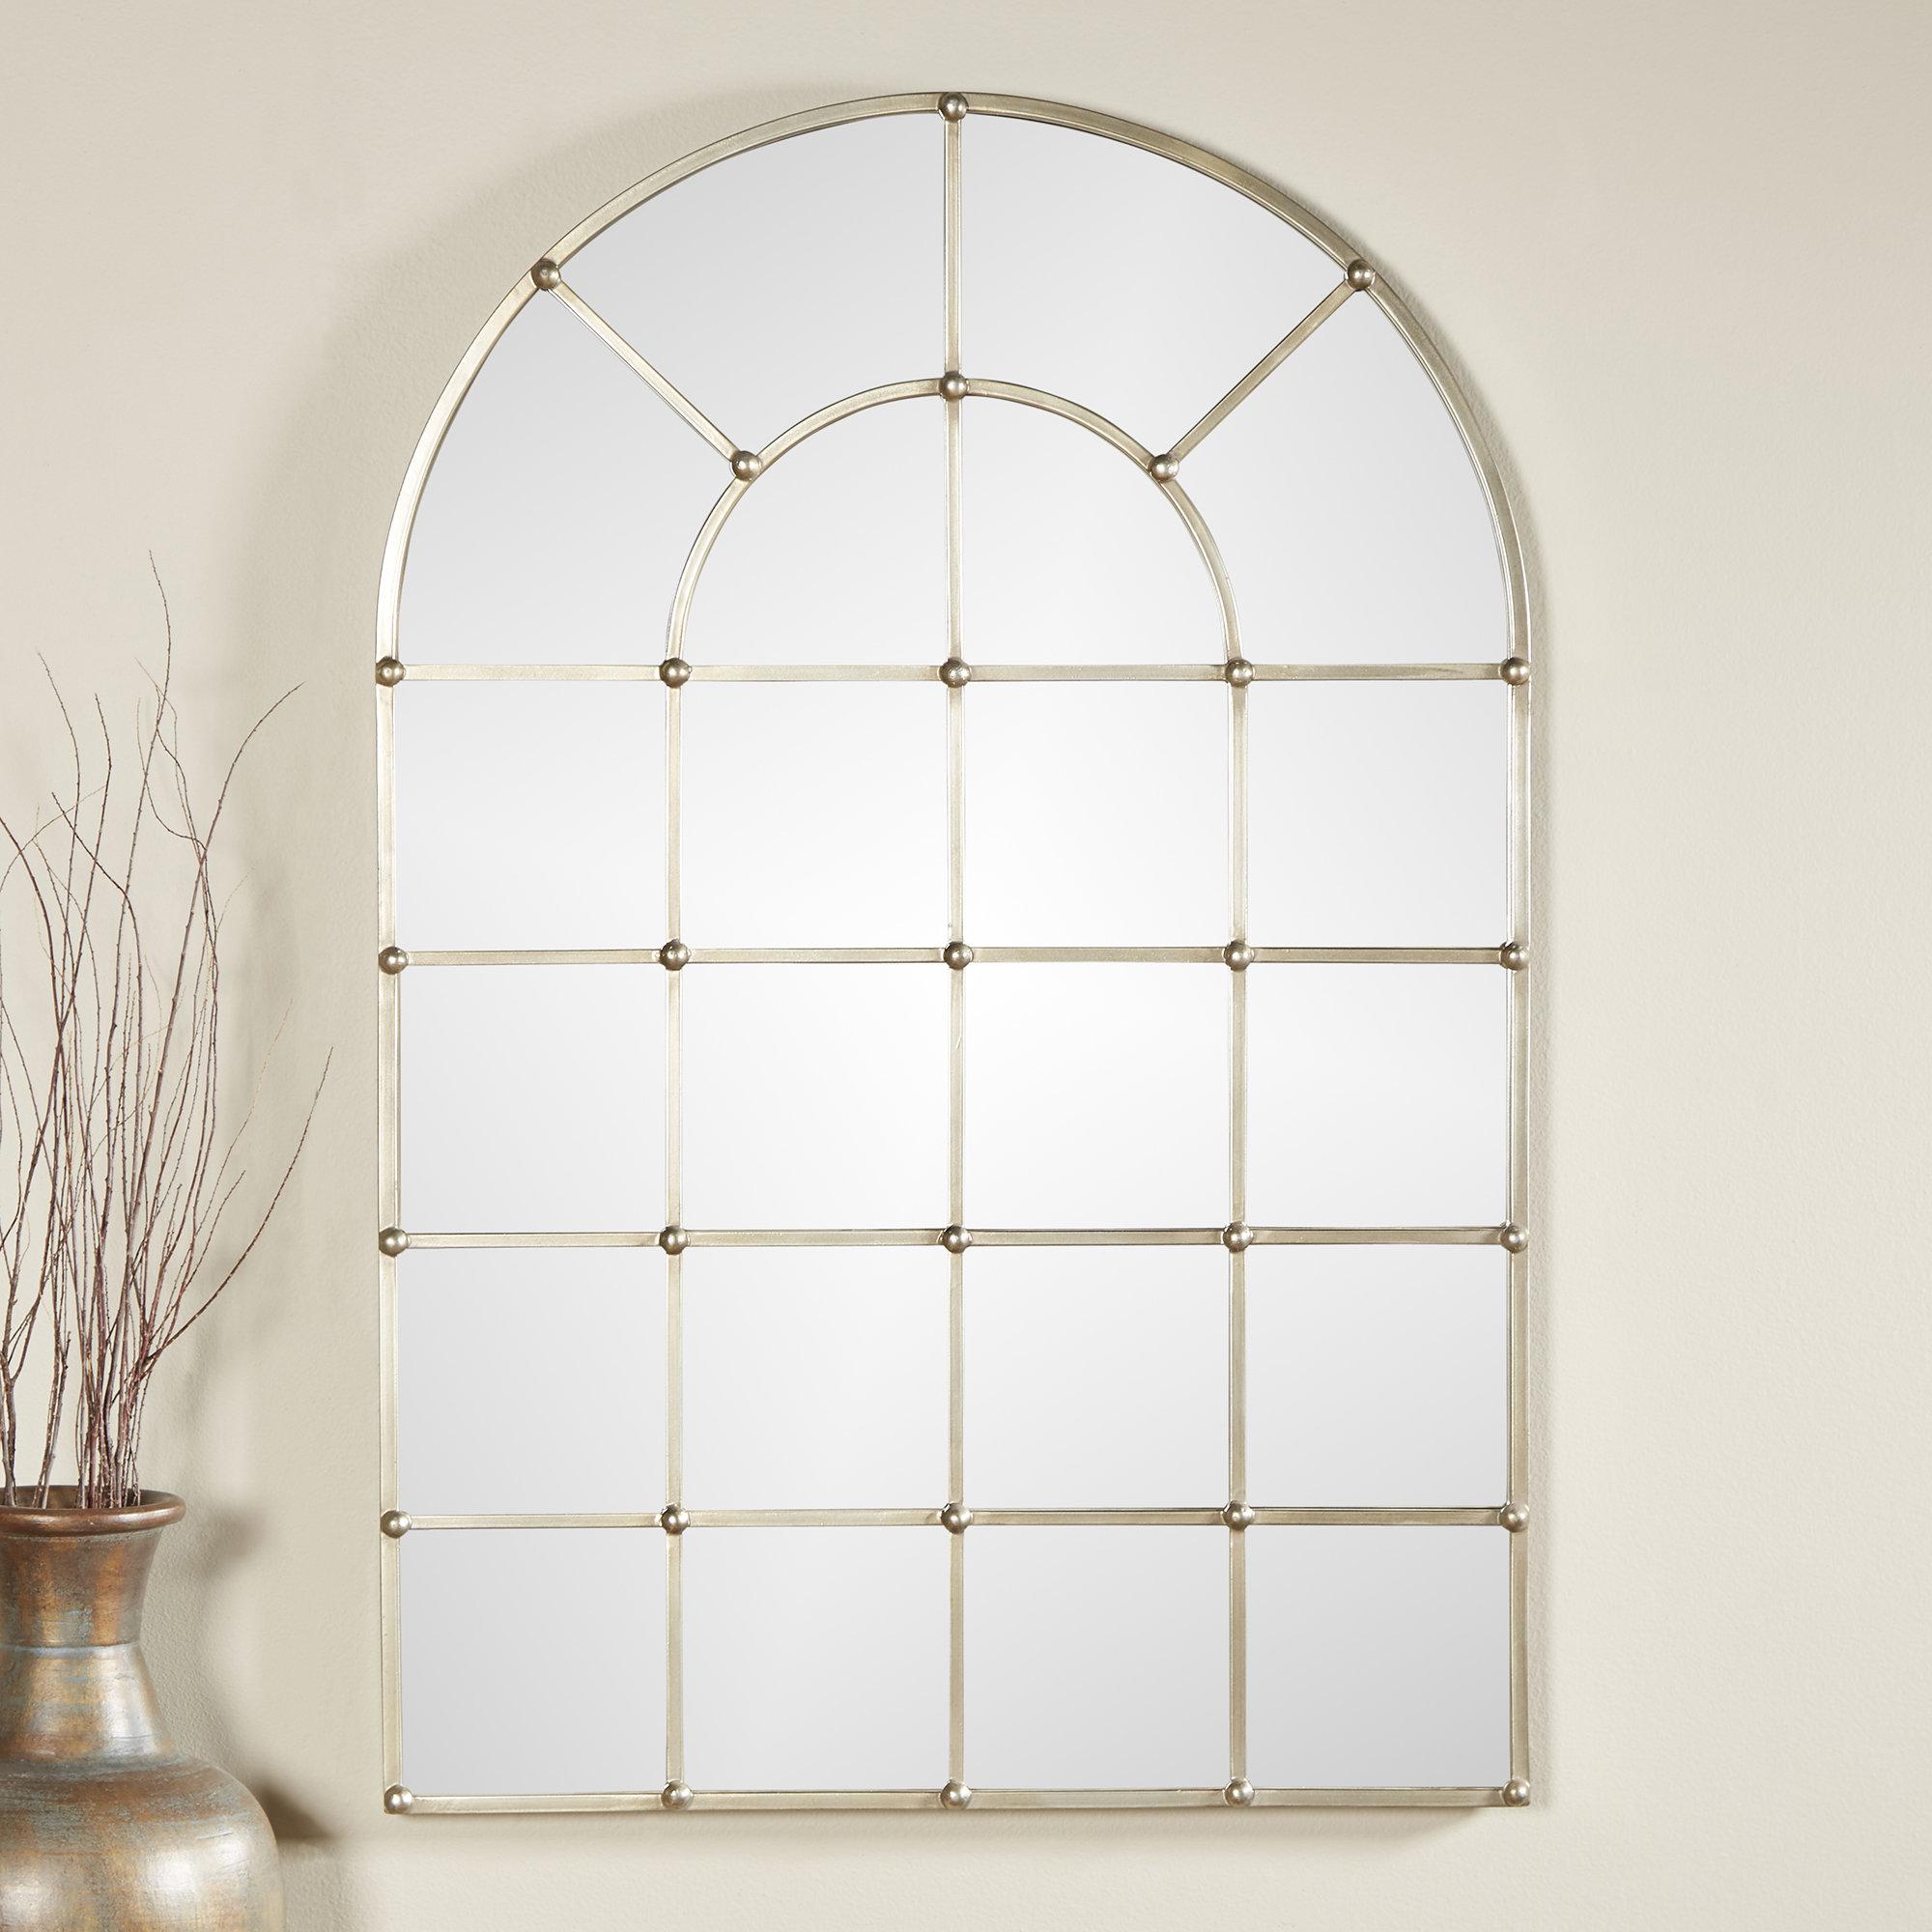 Metal Arch Window Wall Mirror Inside Metal Arch Window Wall Mirrors (Image 15 of 20)